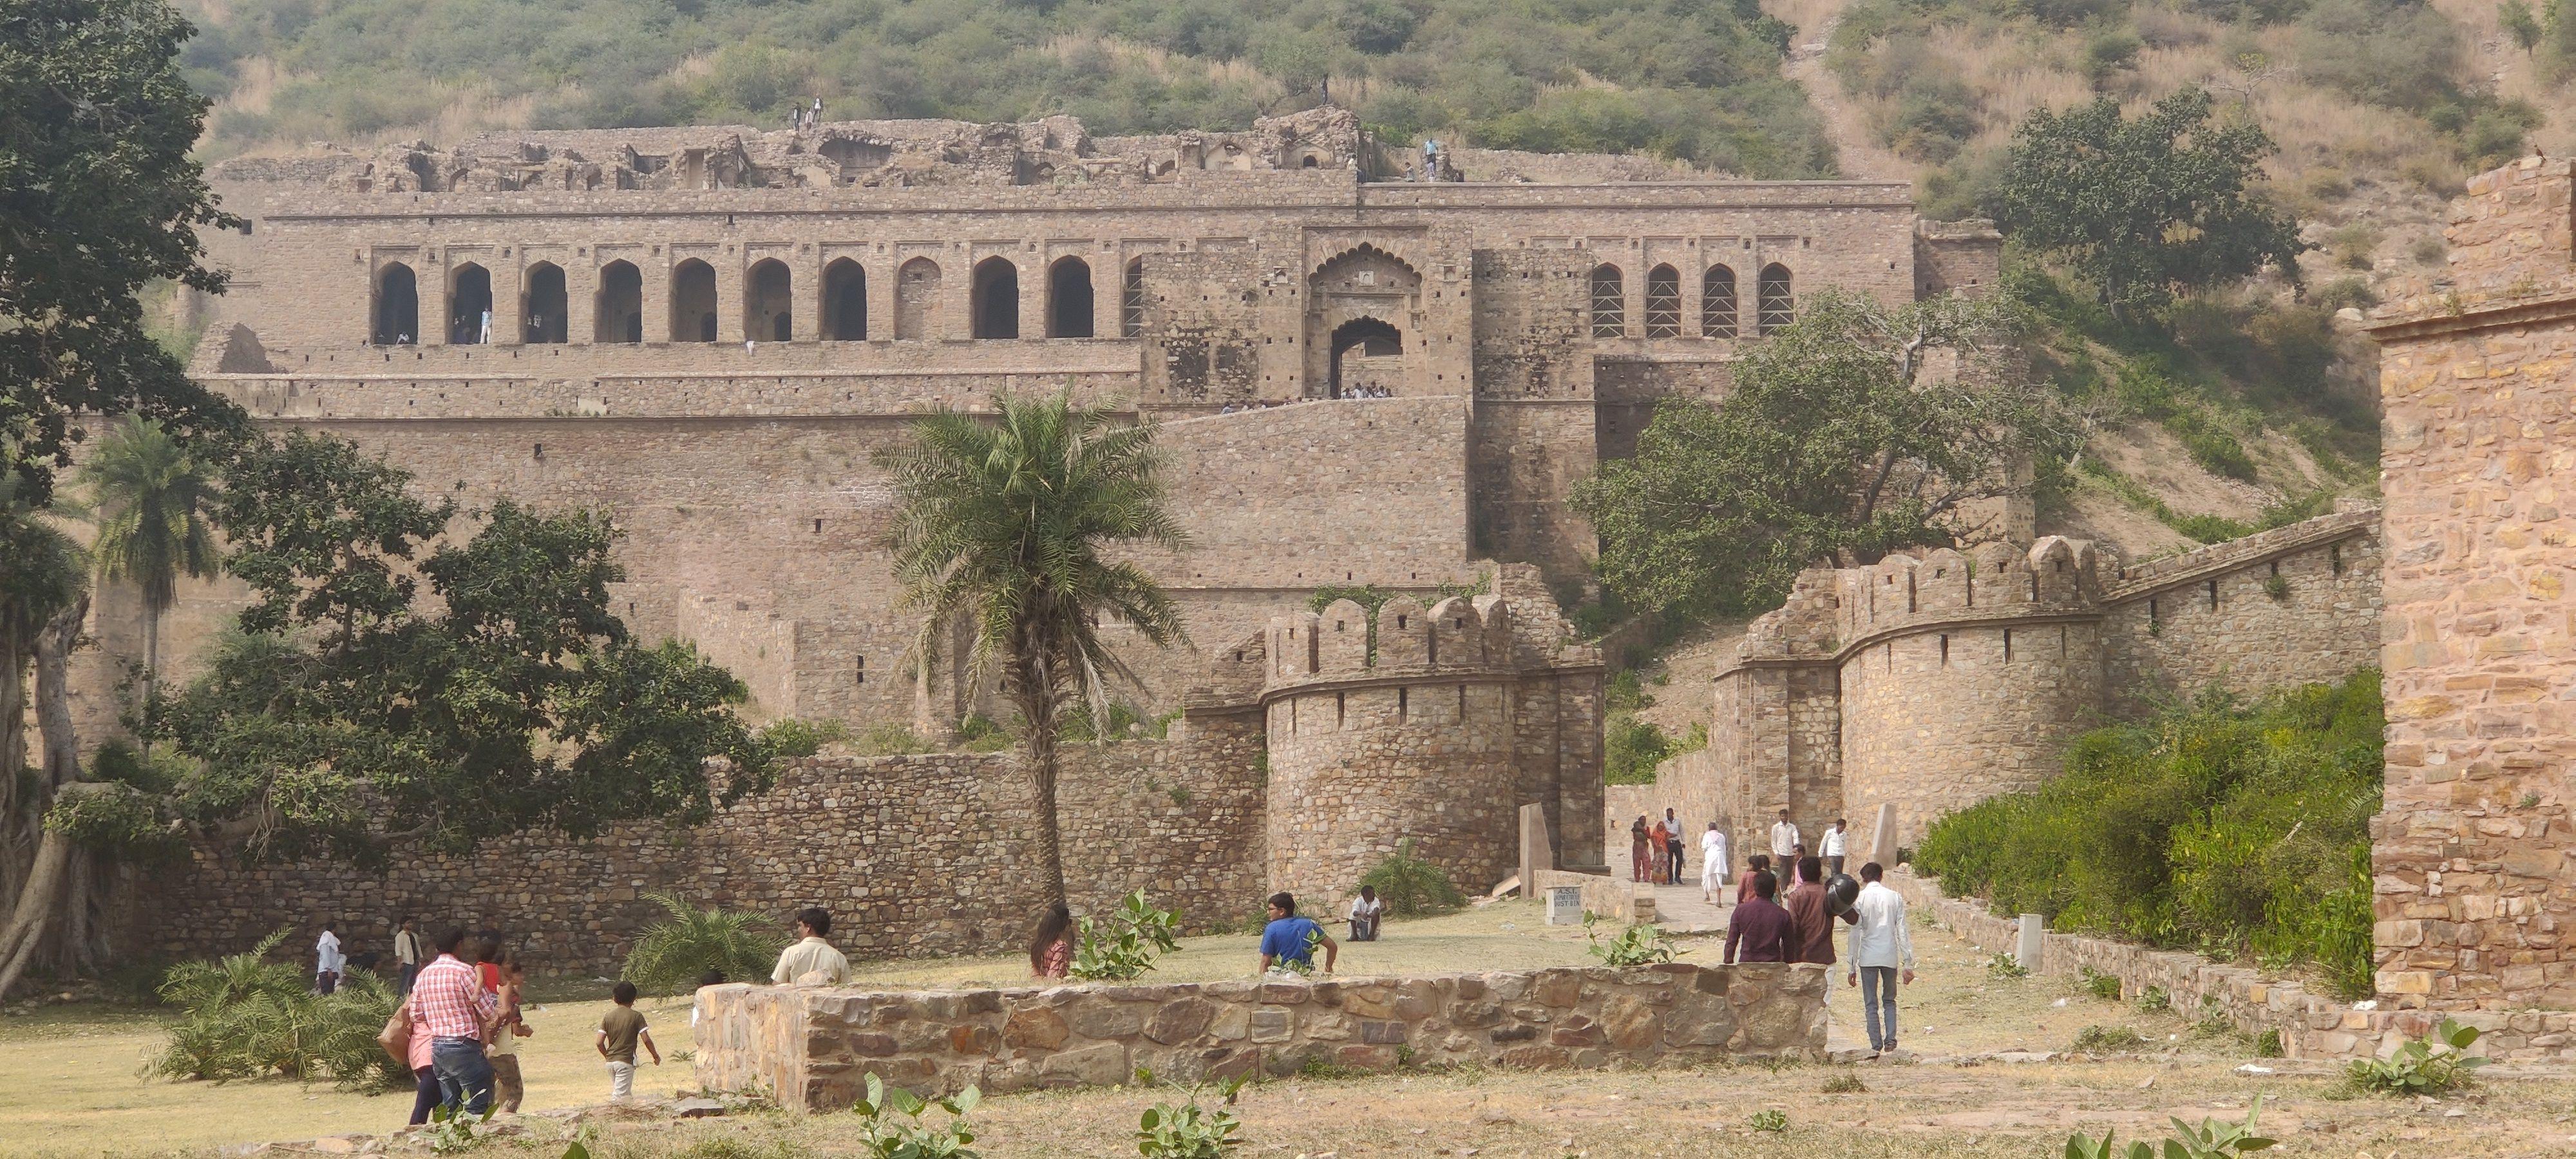 Bhangarh Fort Story in Hindi | Bhangarh Fort at Night ...